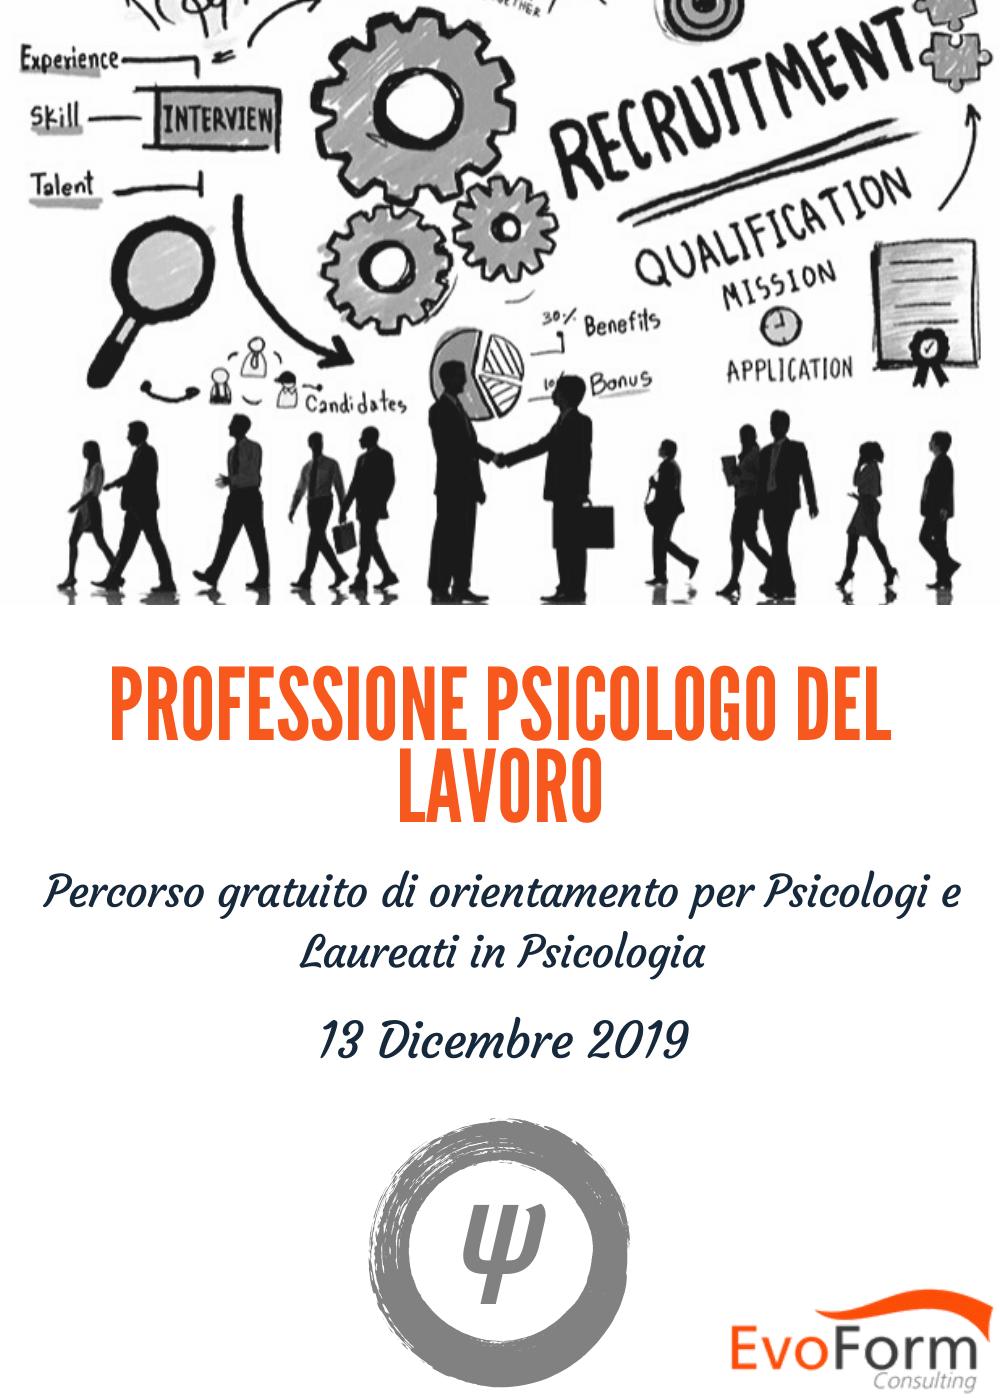 Professione Psicologo del Lavoro - percorso di orientamento gratuito @ EvoForm Consulting